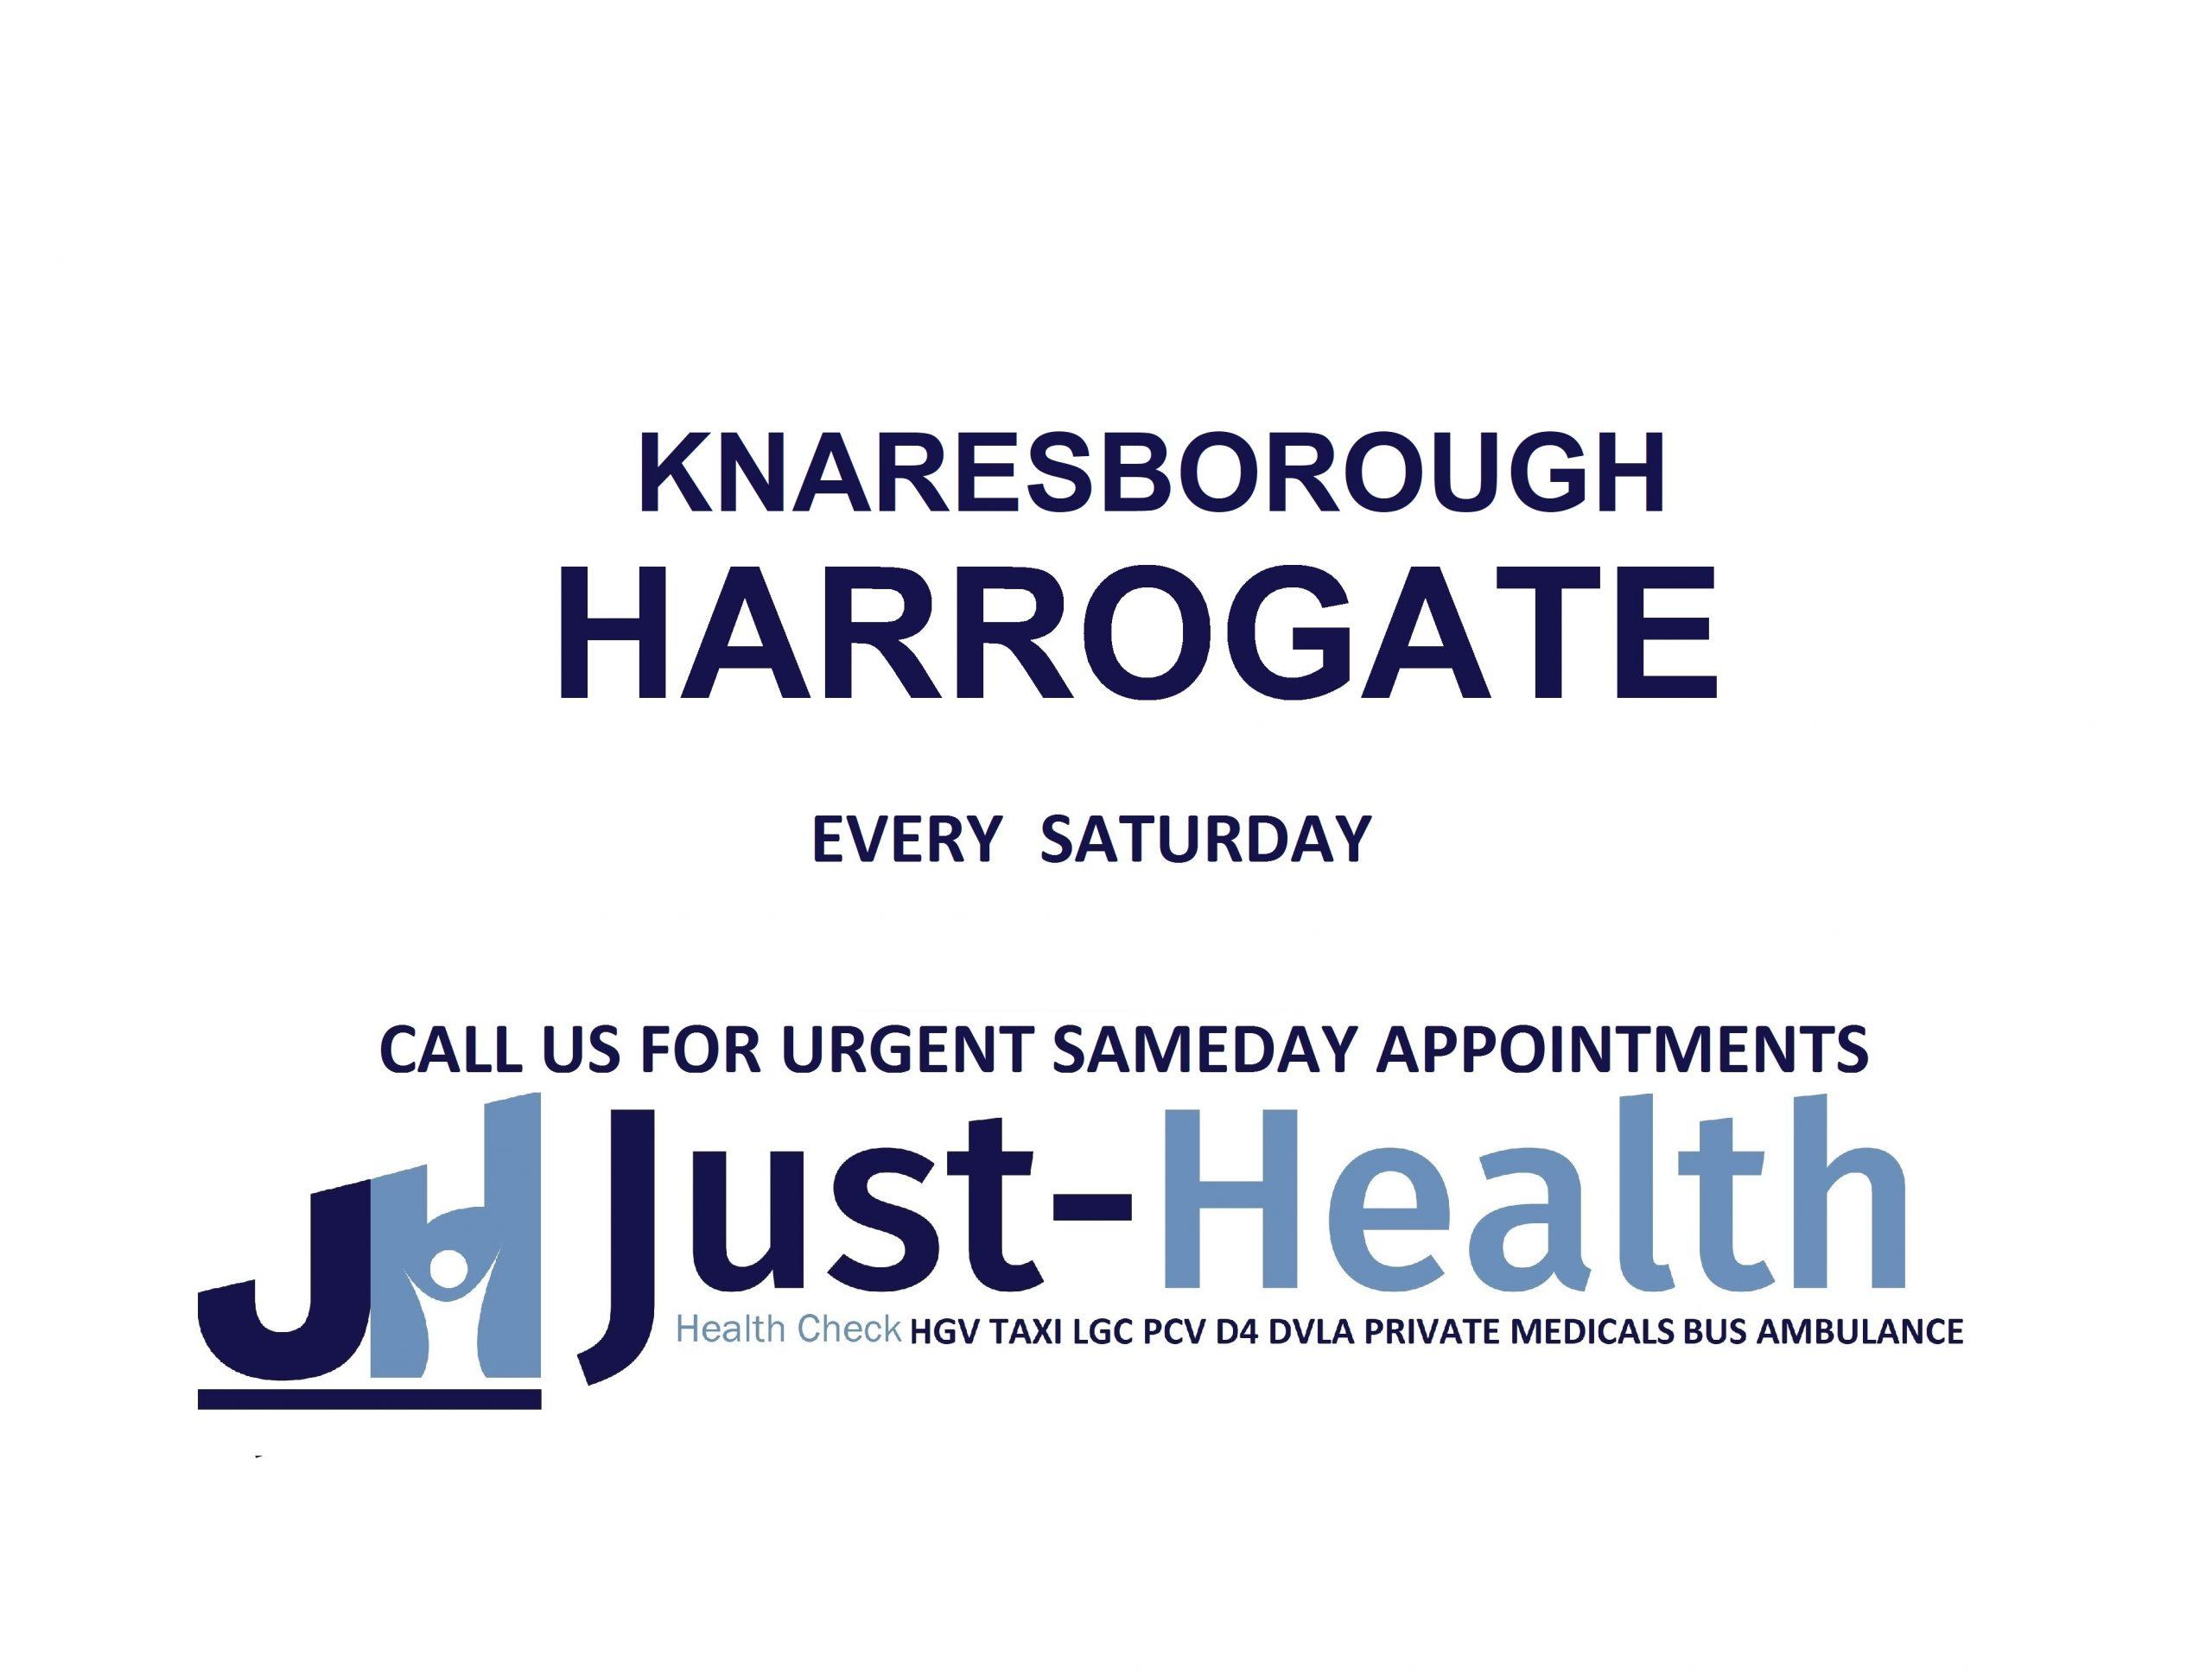 D4 Driver medicals hgv pcv c1 Harrogate York